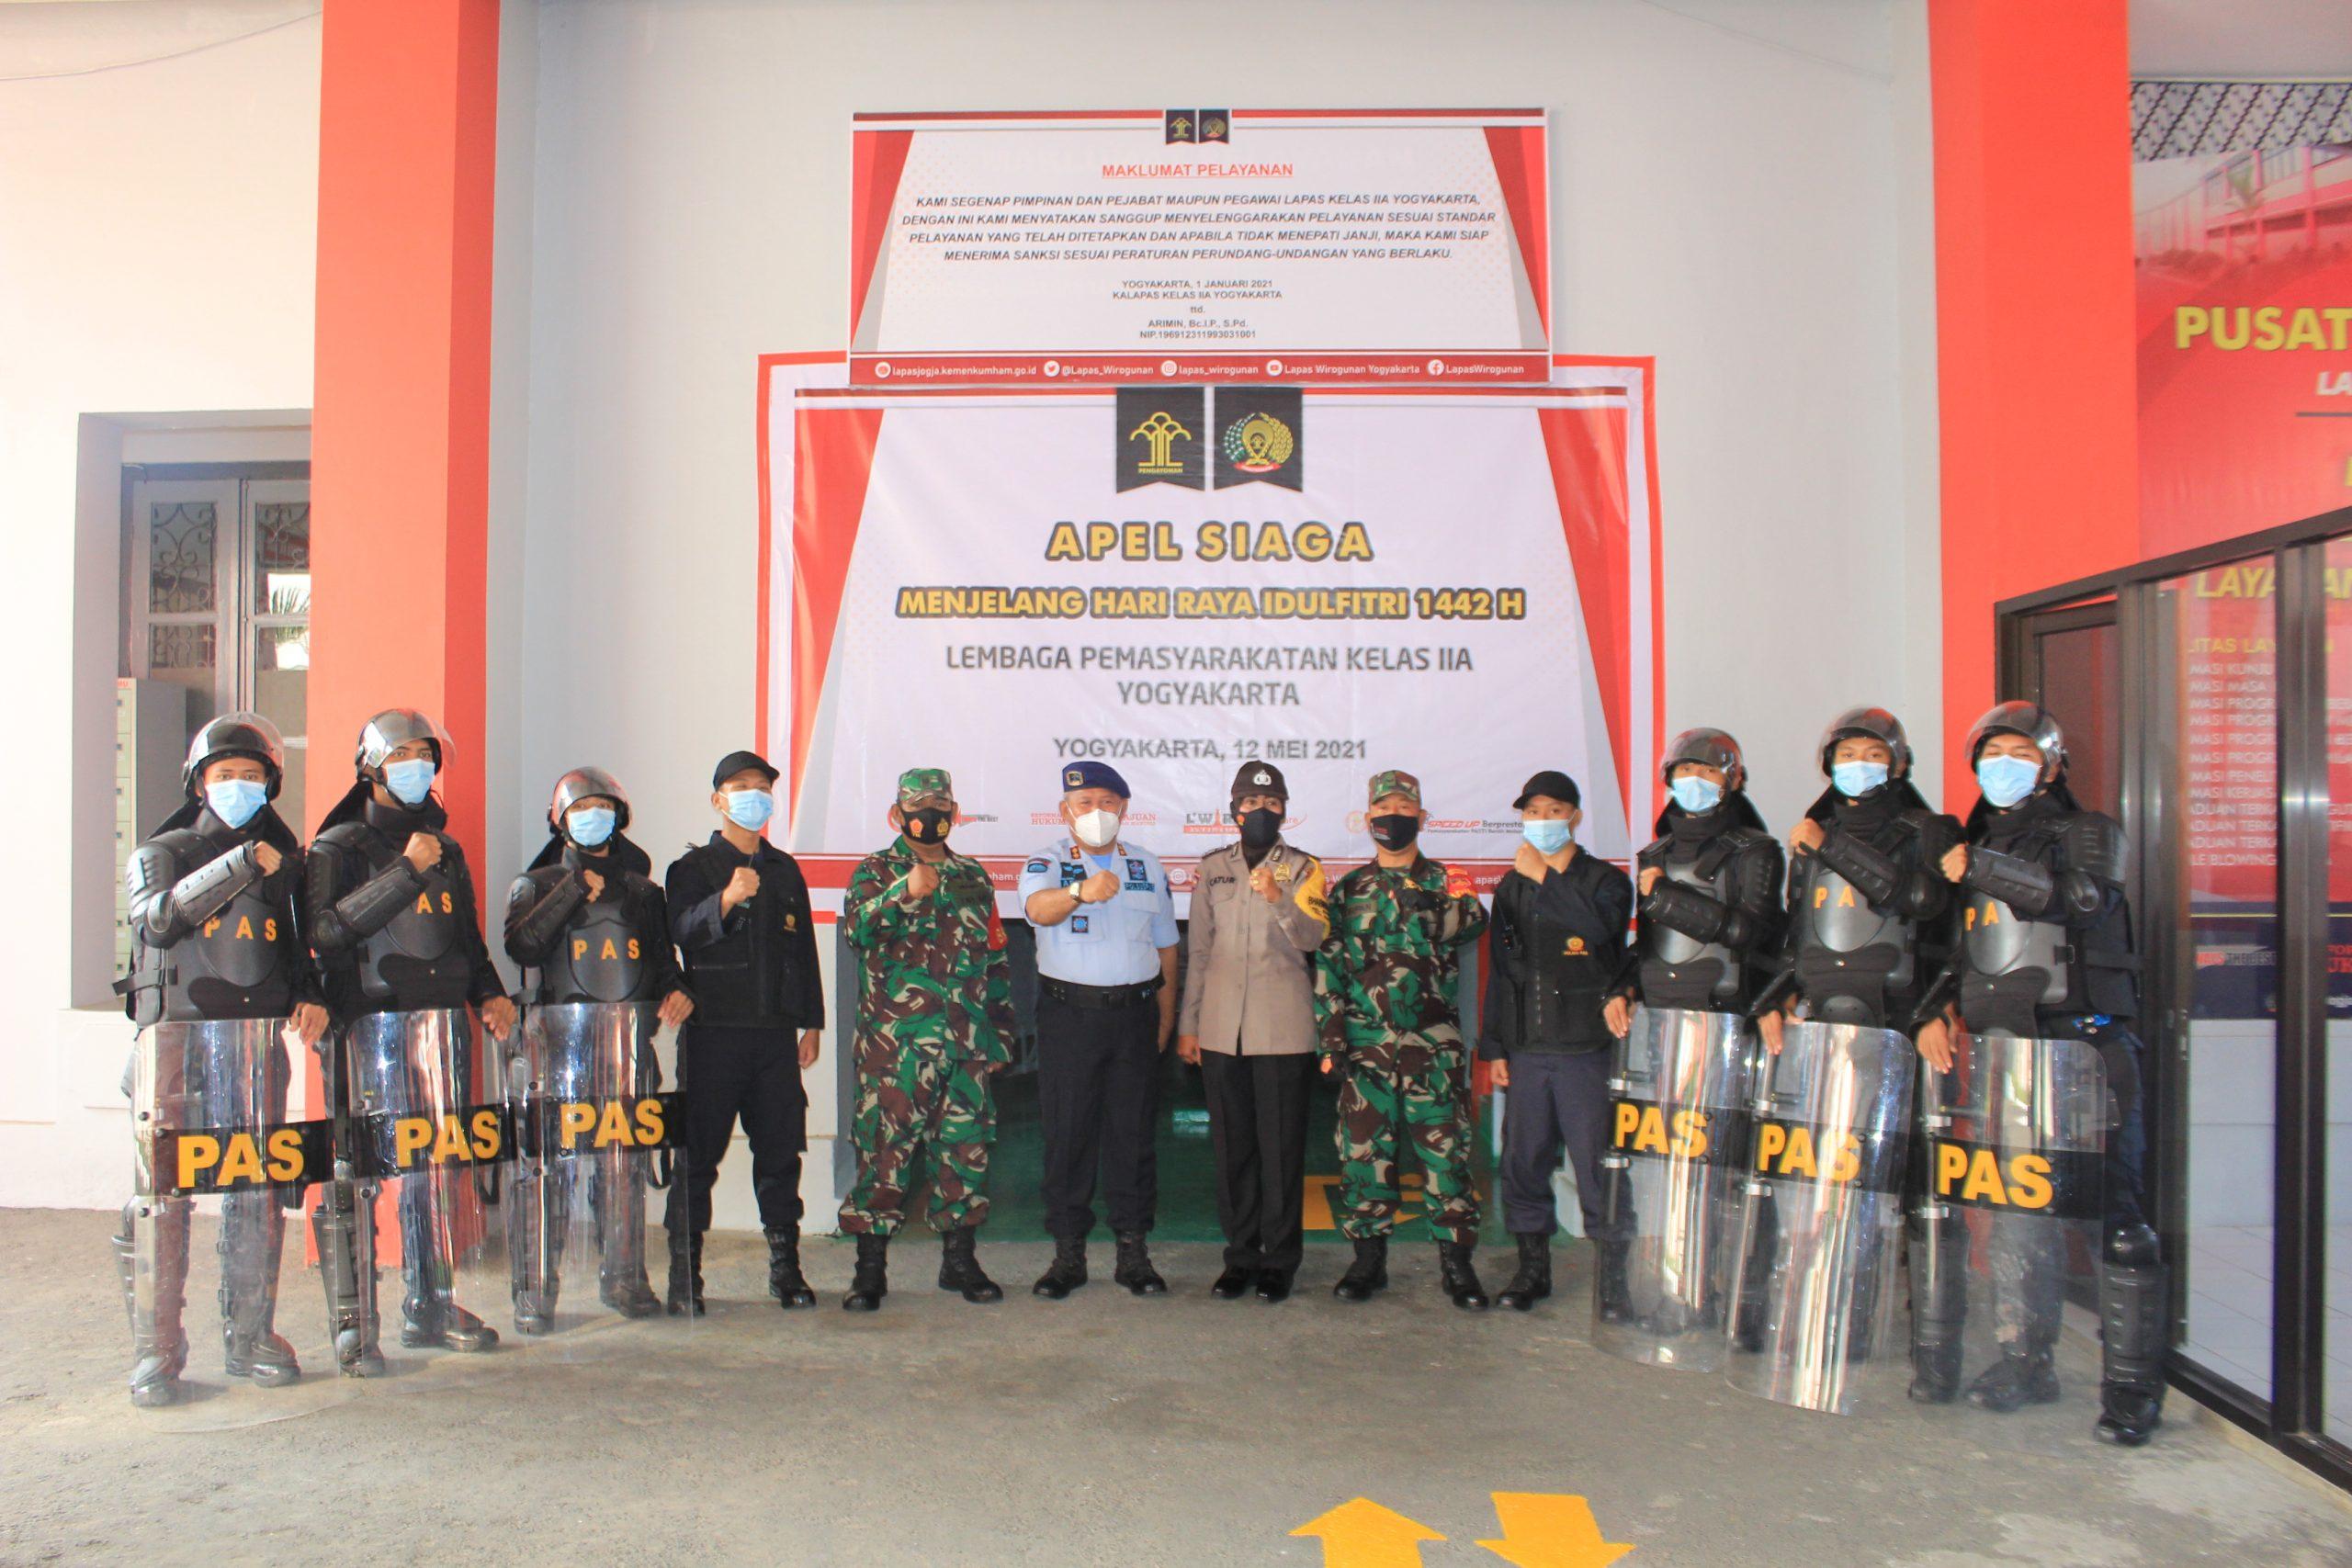 Sinergisitas antar Aparat Penegak Hukum, Polsek Pakualaman dan Koramil 05/ Pakualaman siap backup keamanan Lapas Yogyakarta |